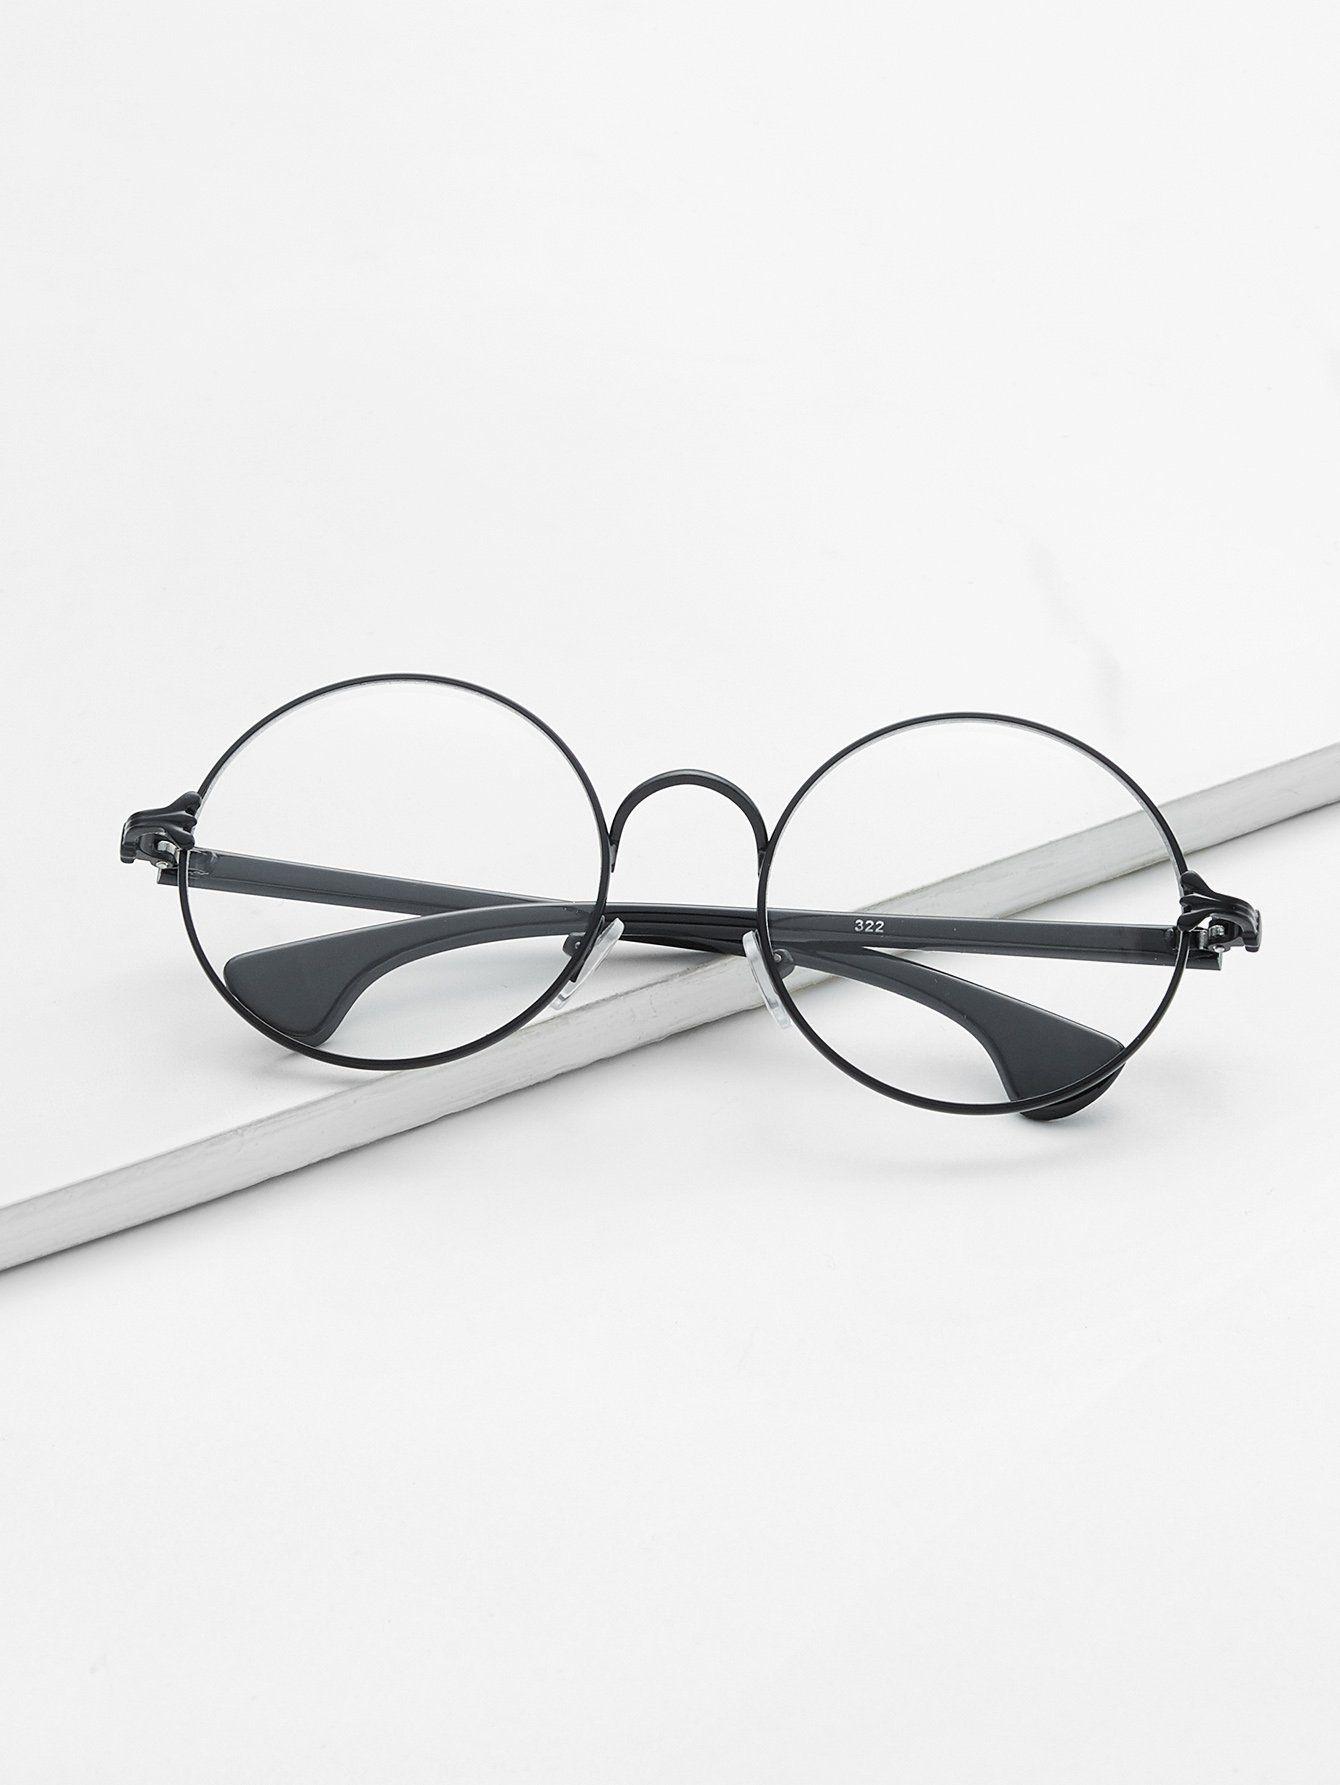 1ece4830bf BLK Matte Black Frame Clear Lens Glasses Wire Frame Glasses